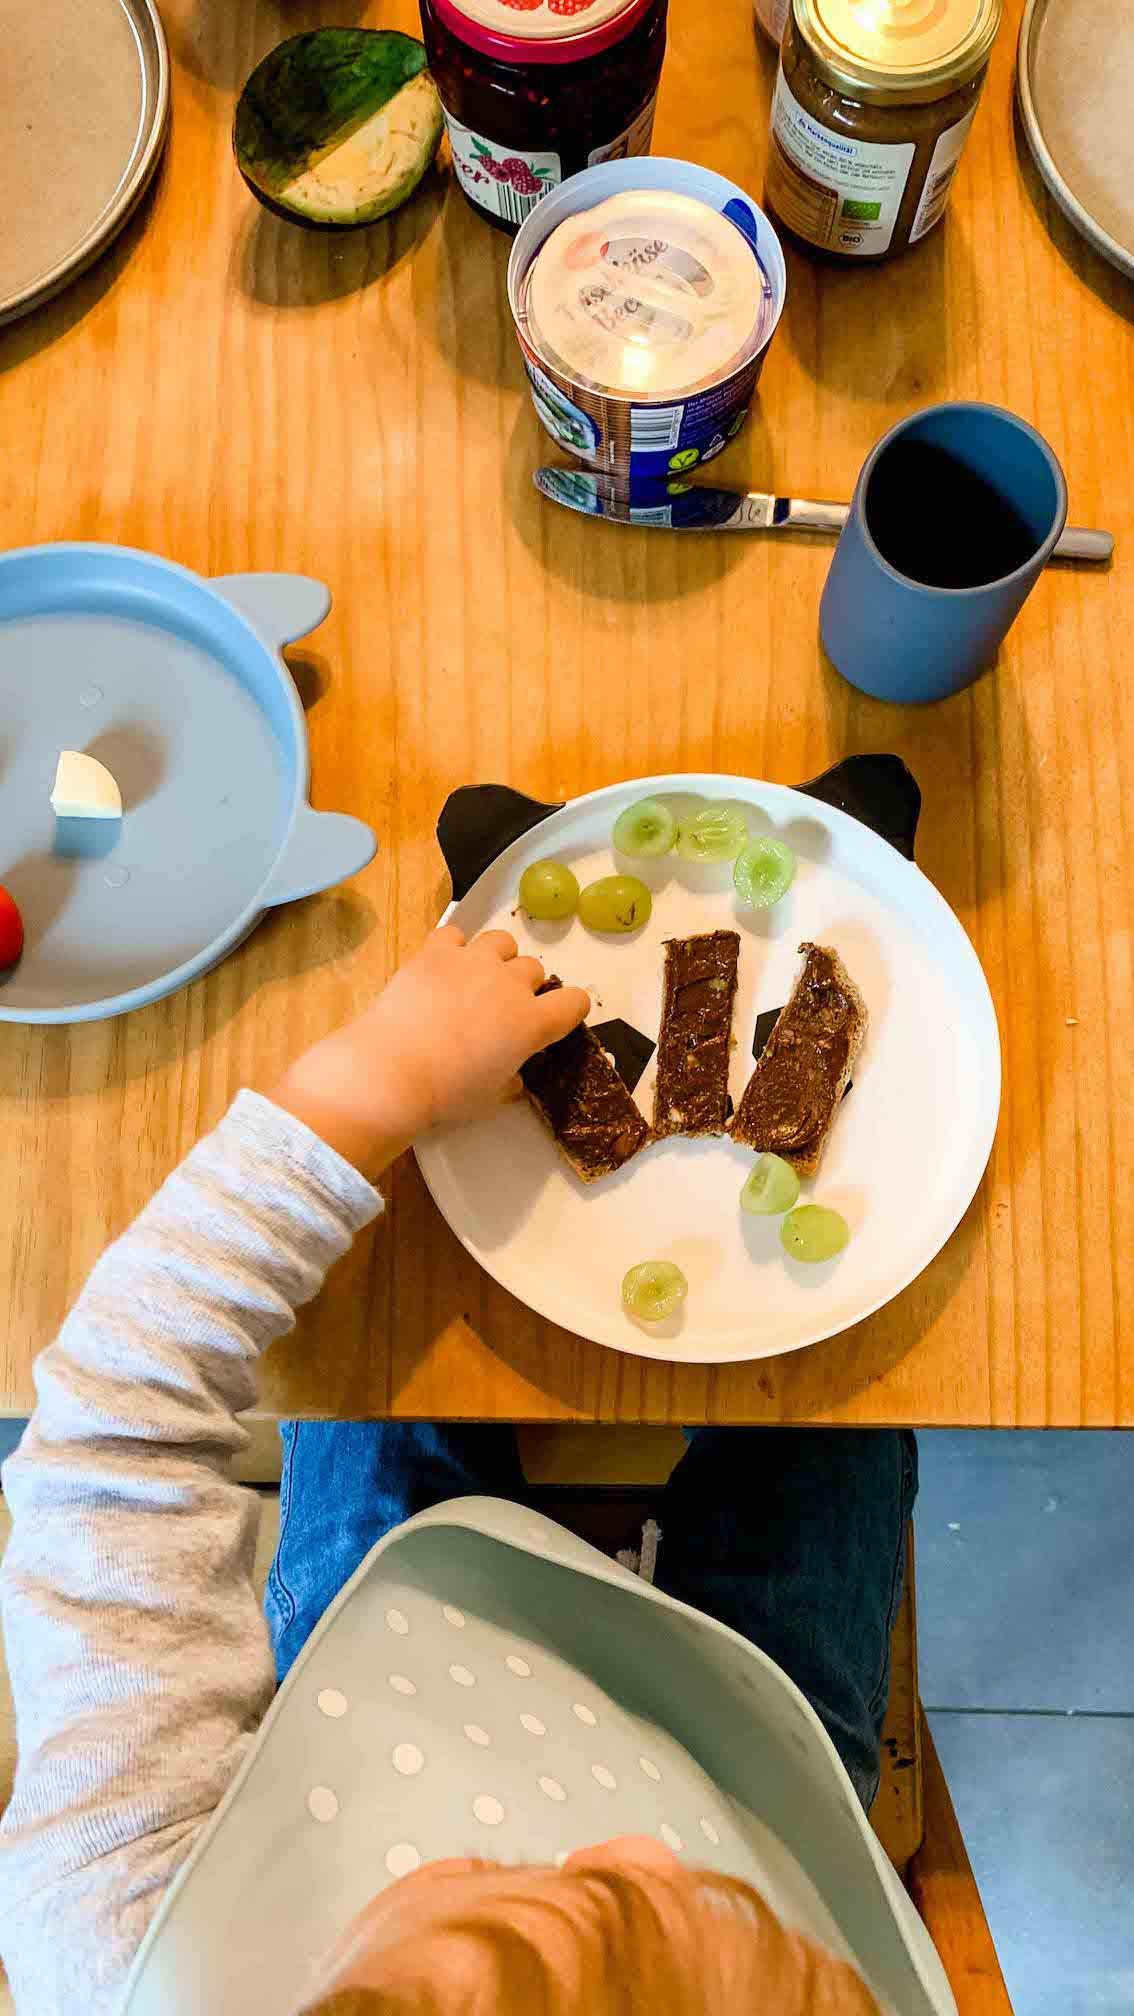 Beikostplan - Baby isst selbst